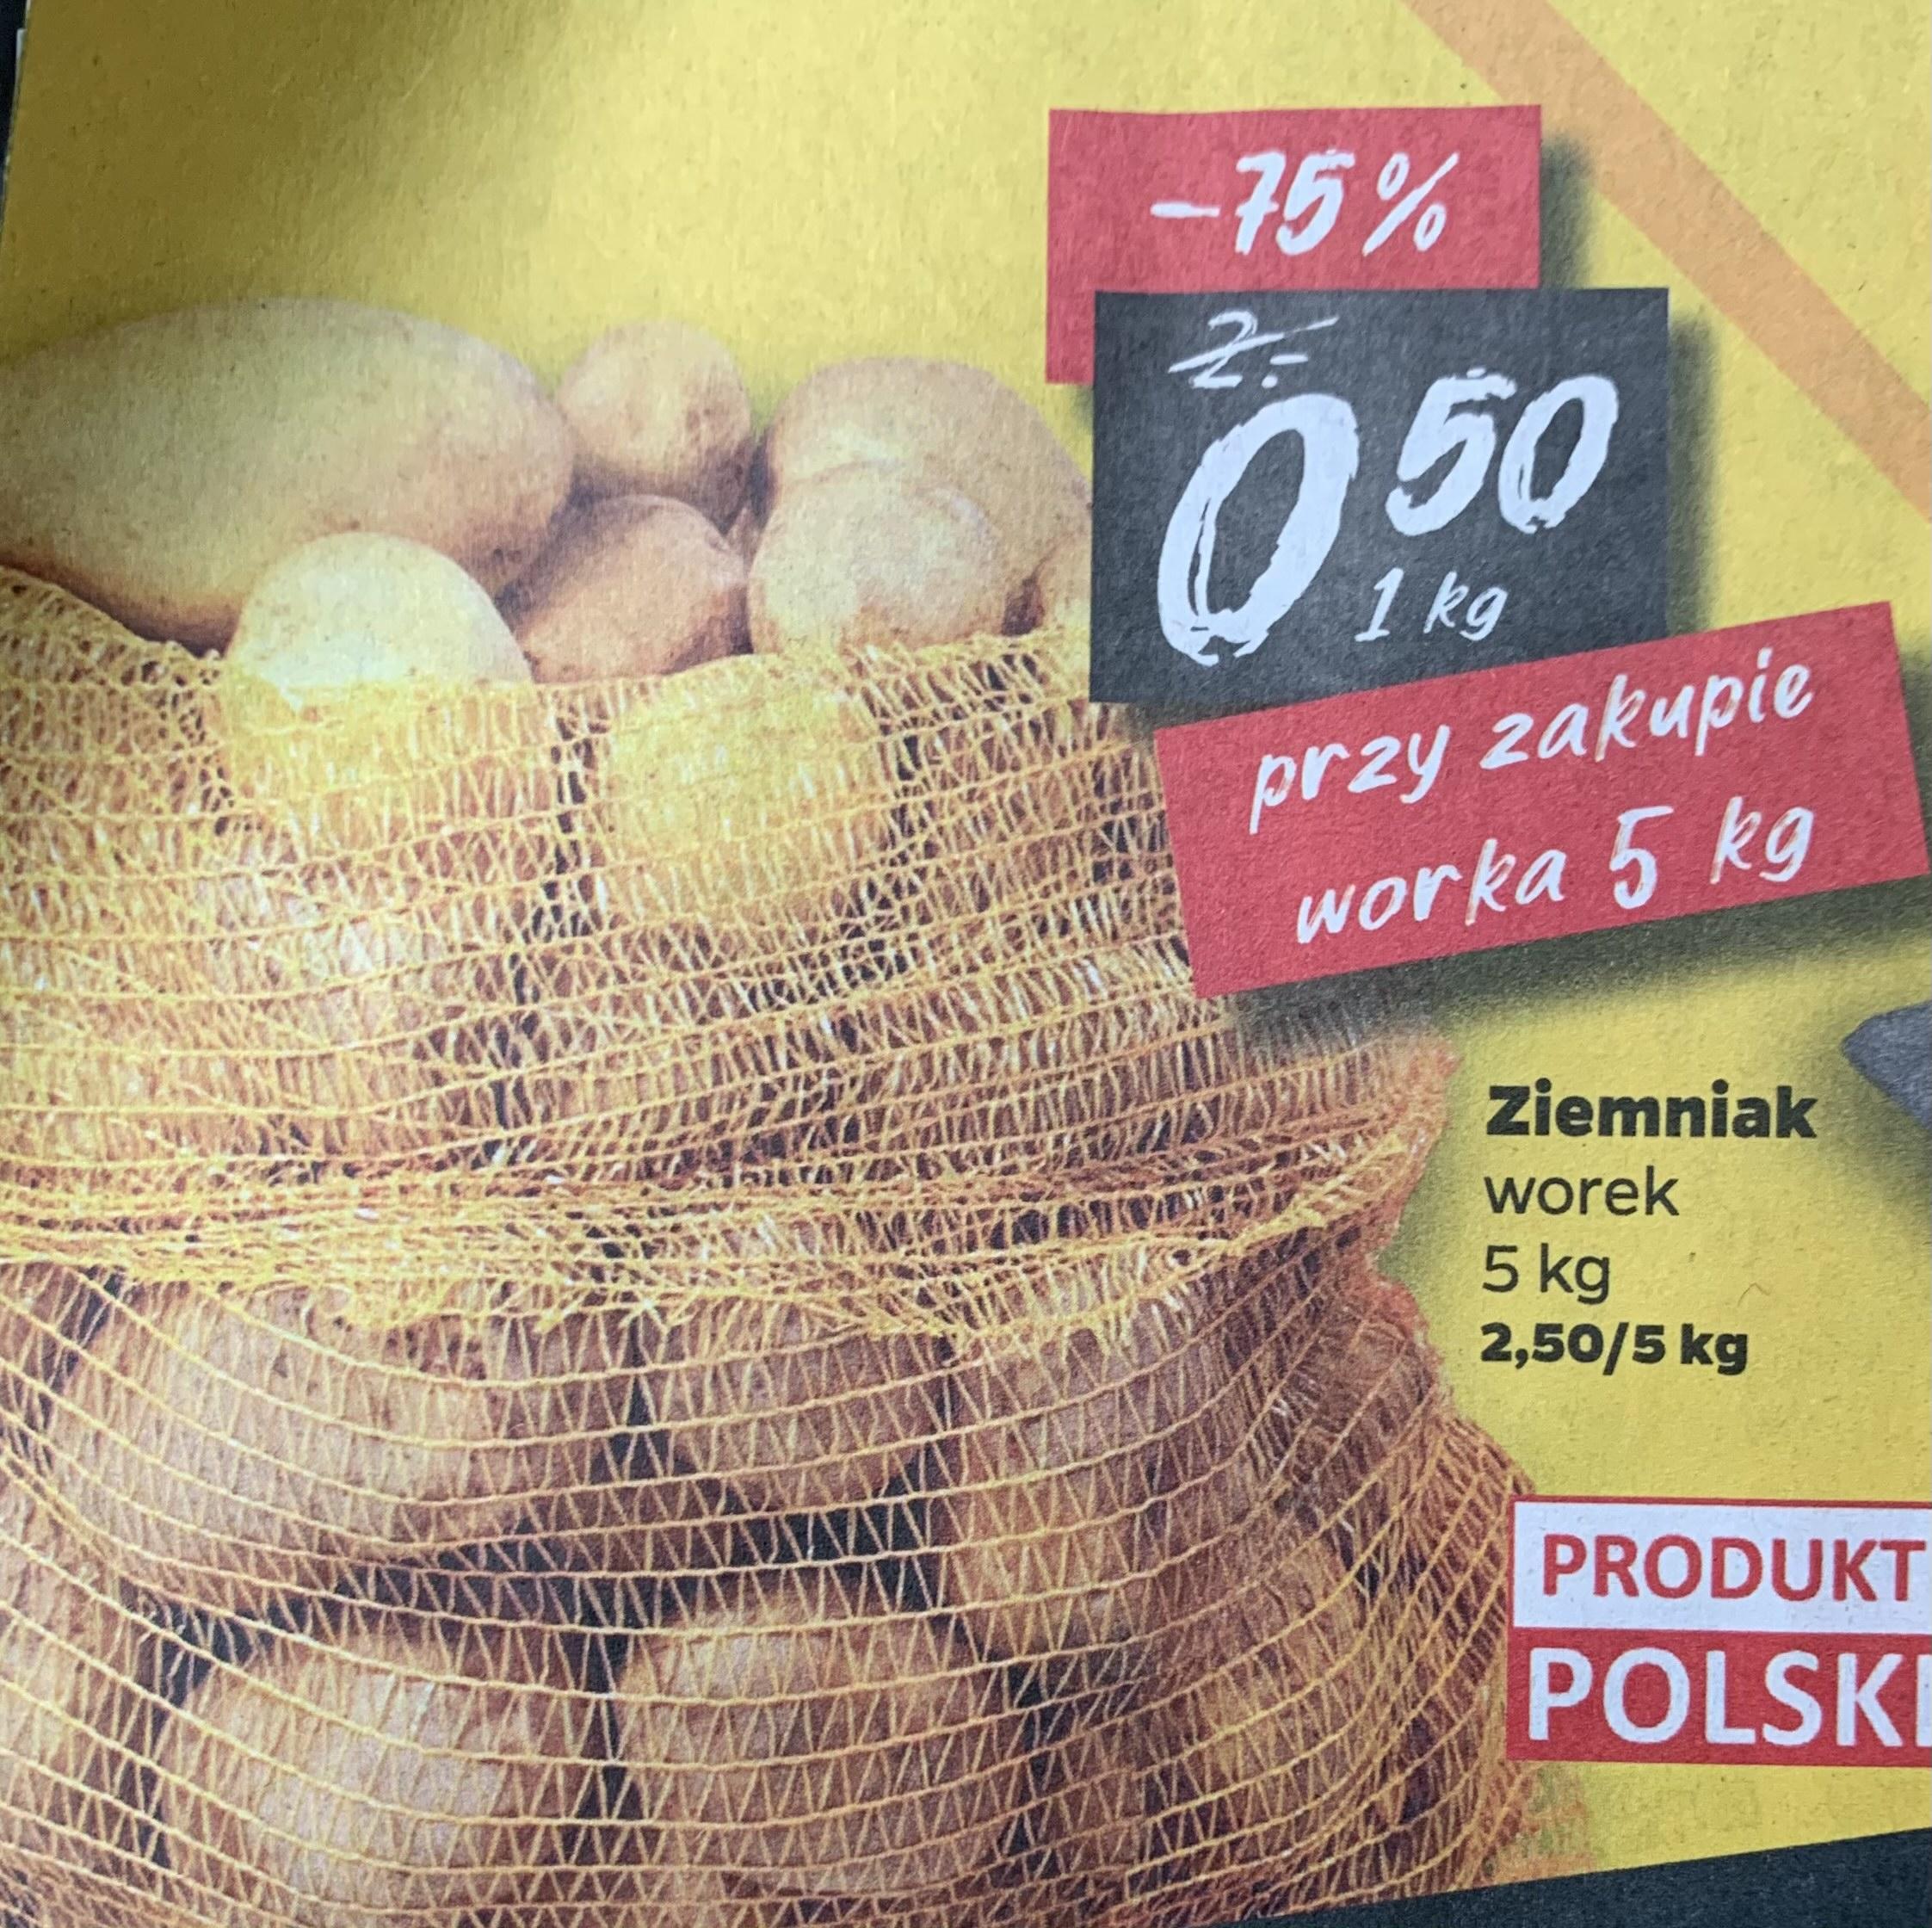 Ziemniaki 0,50zł/kg przy zakupie worka 5kg @Netto